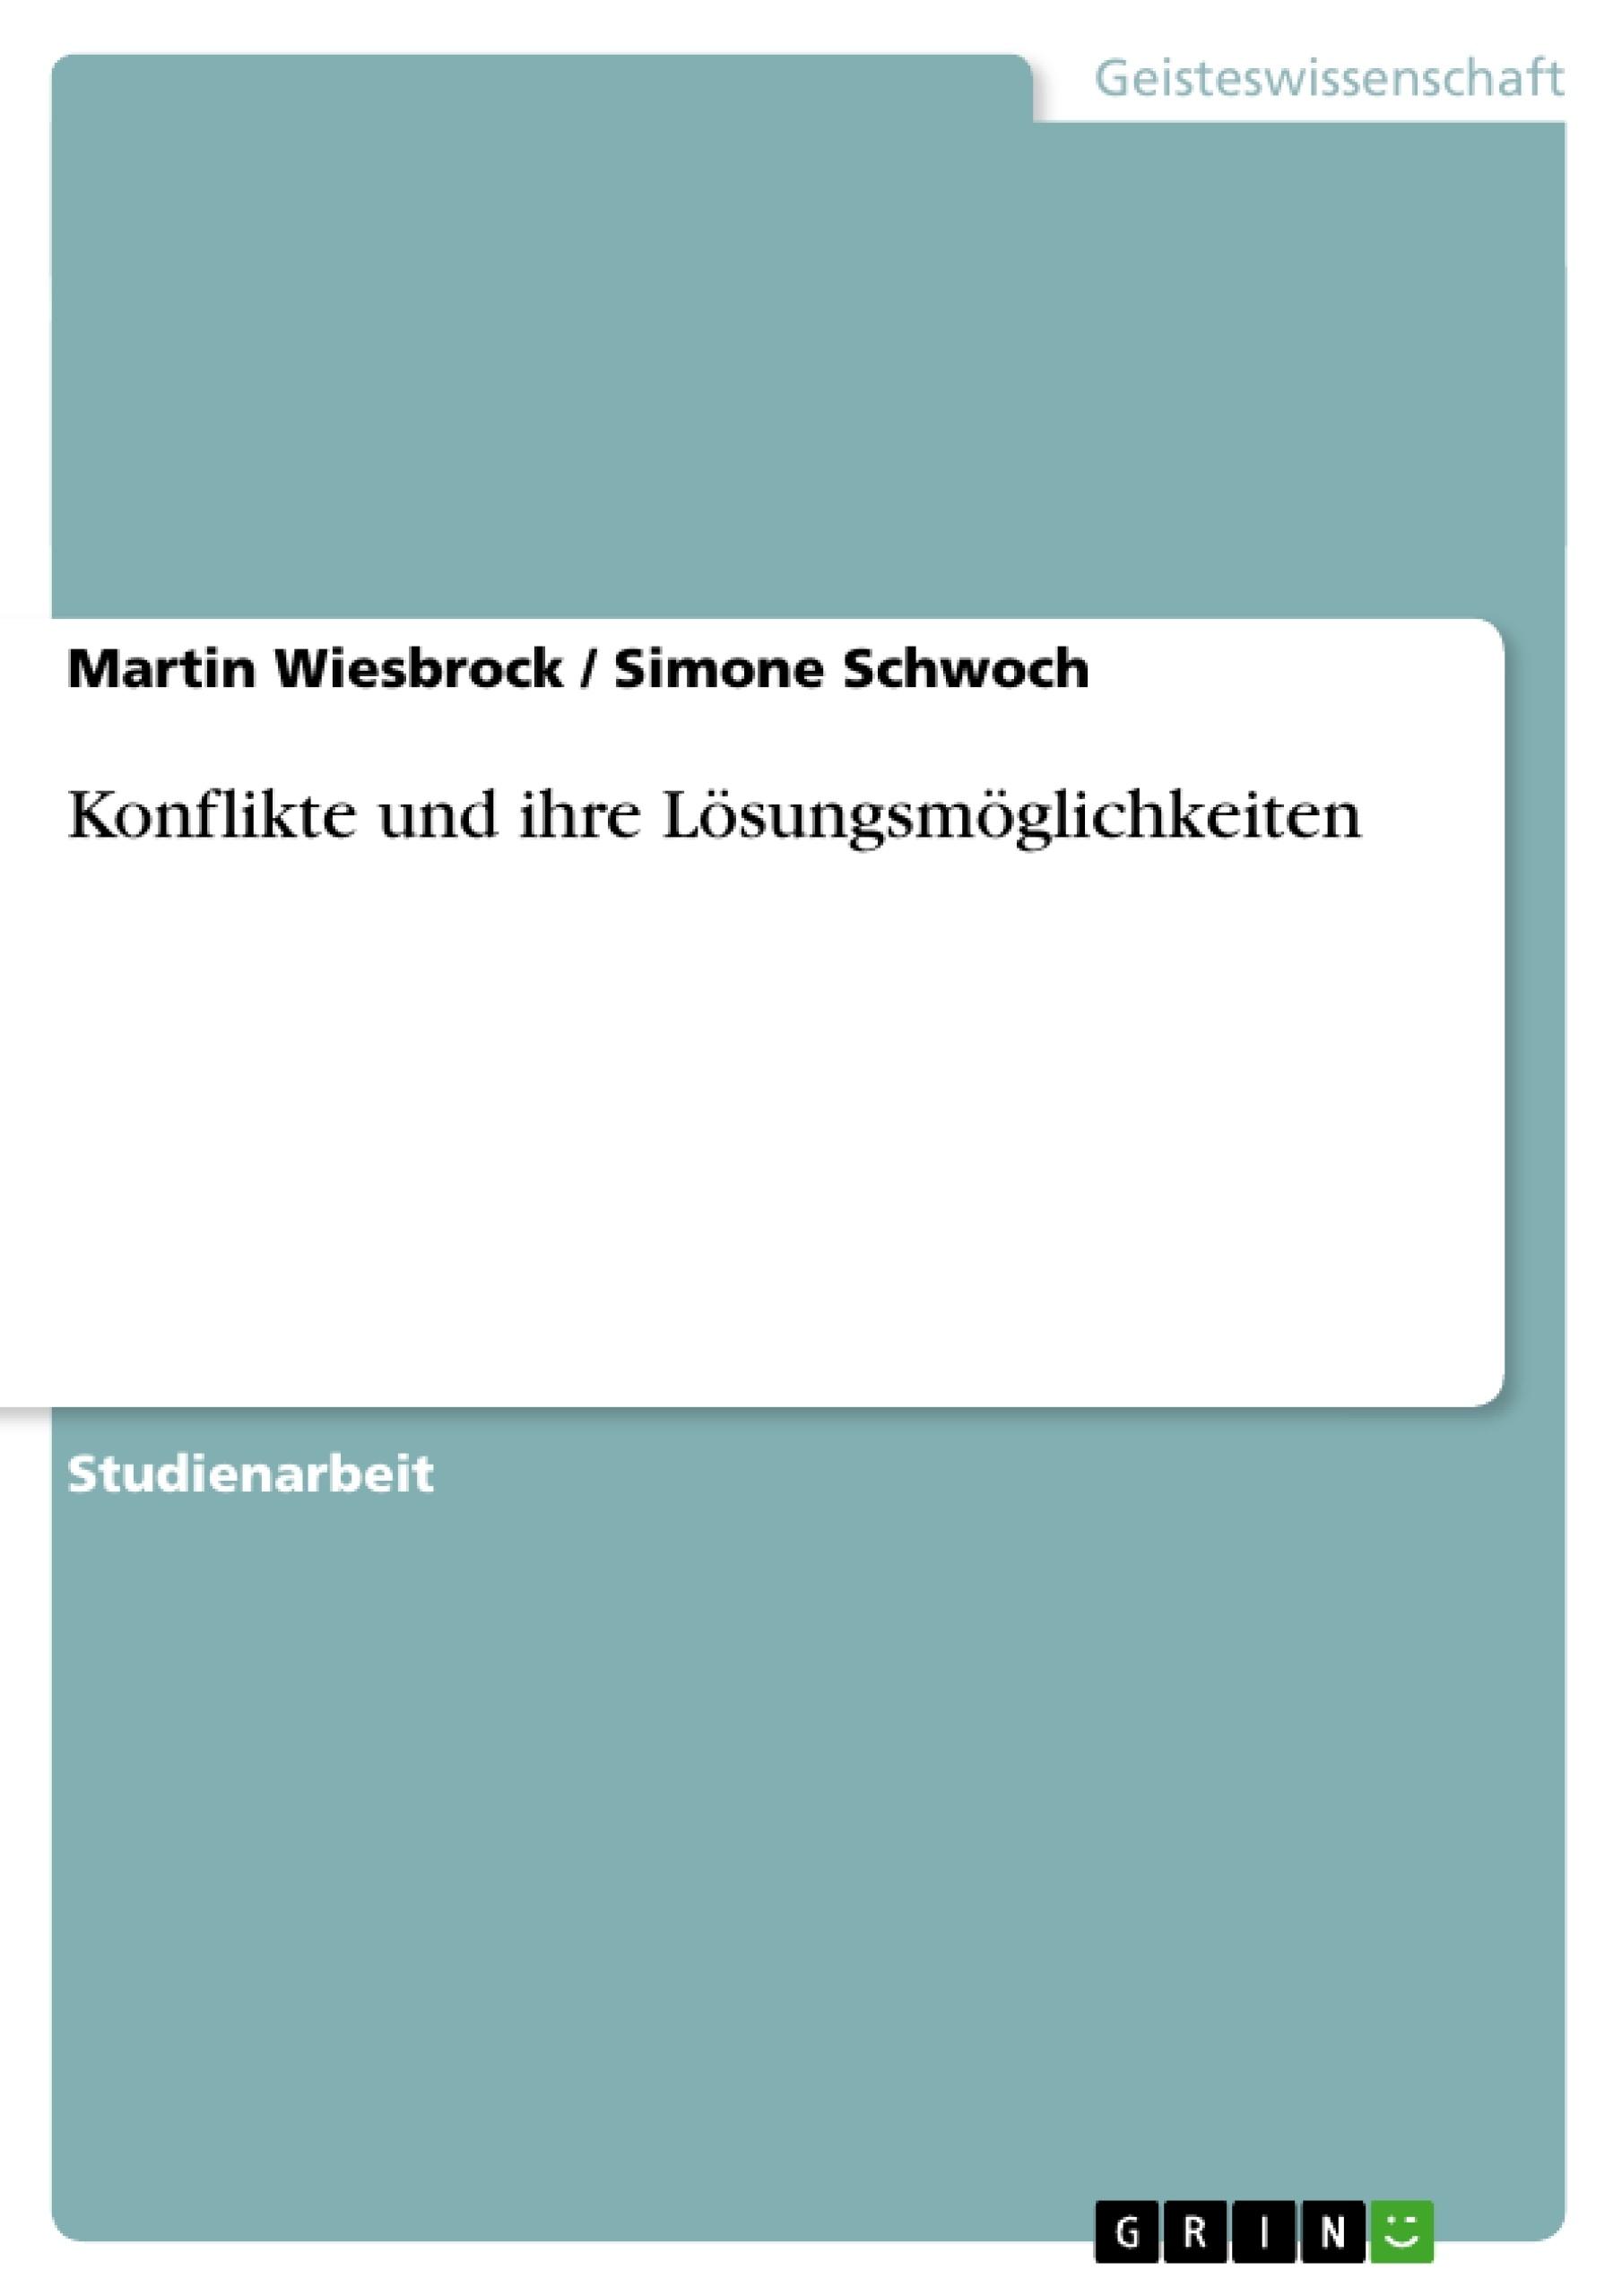 Titel: Konflikte und ihre Lösungsmöglichkeiten